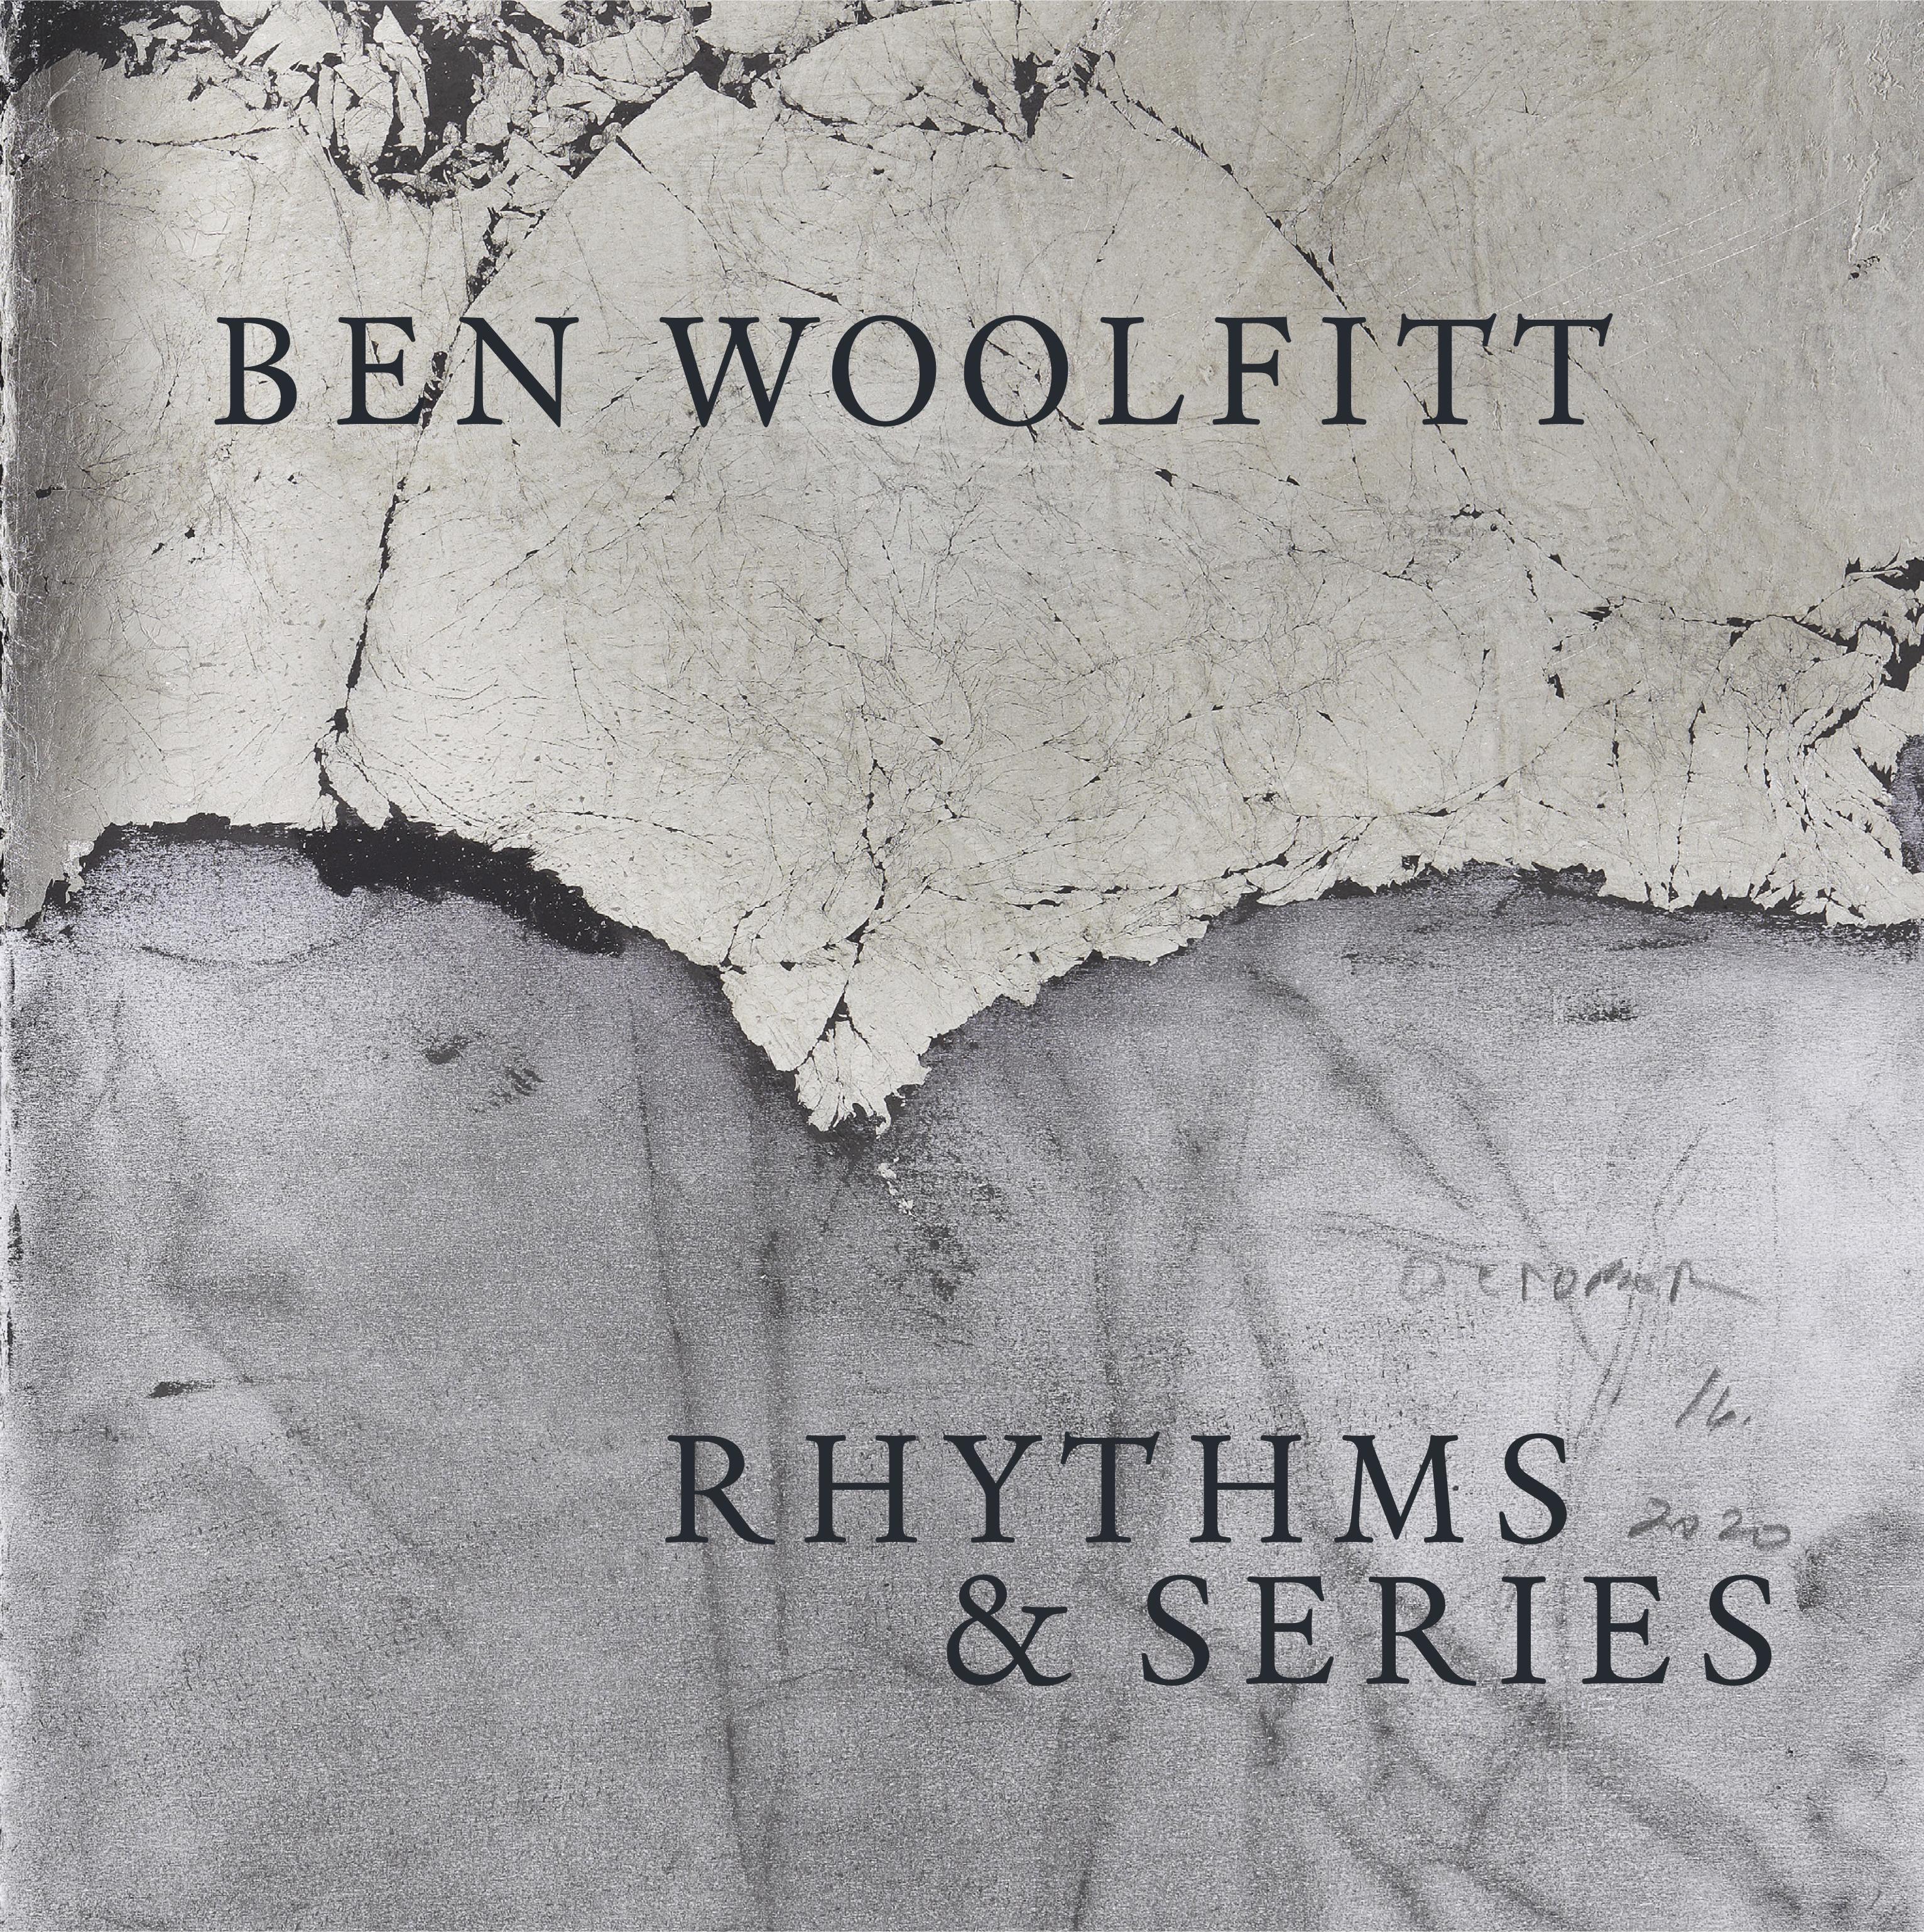 Ben Woolfitt